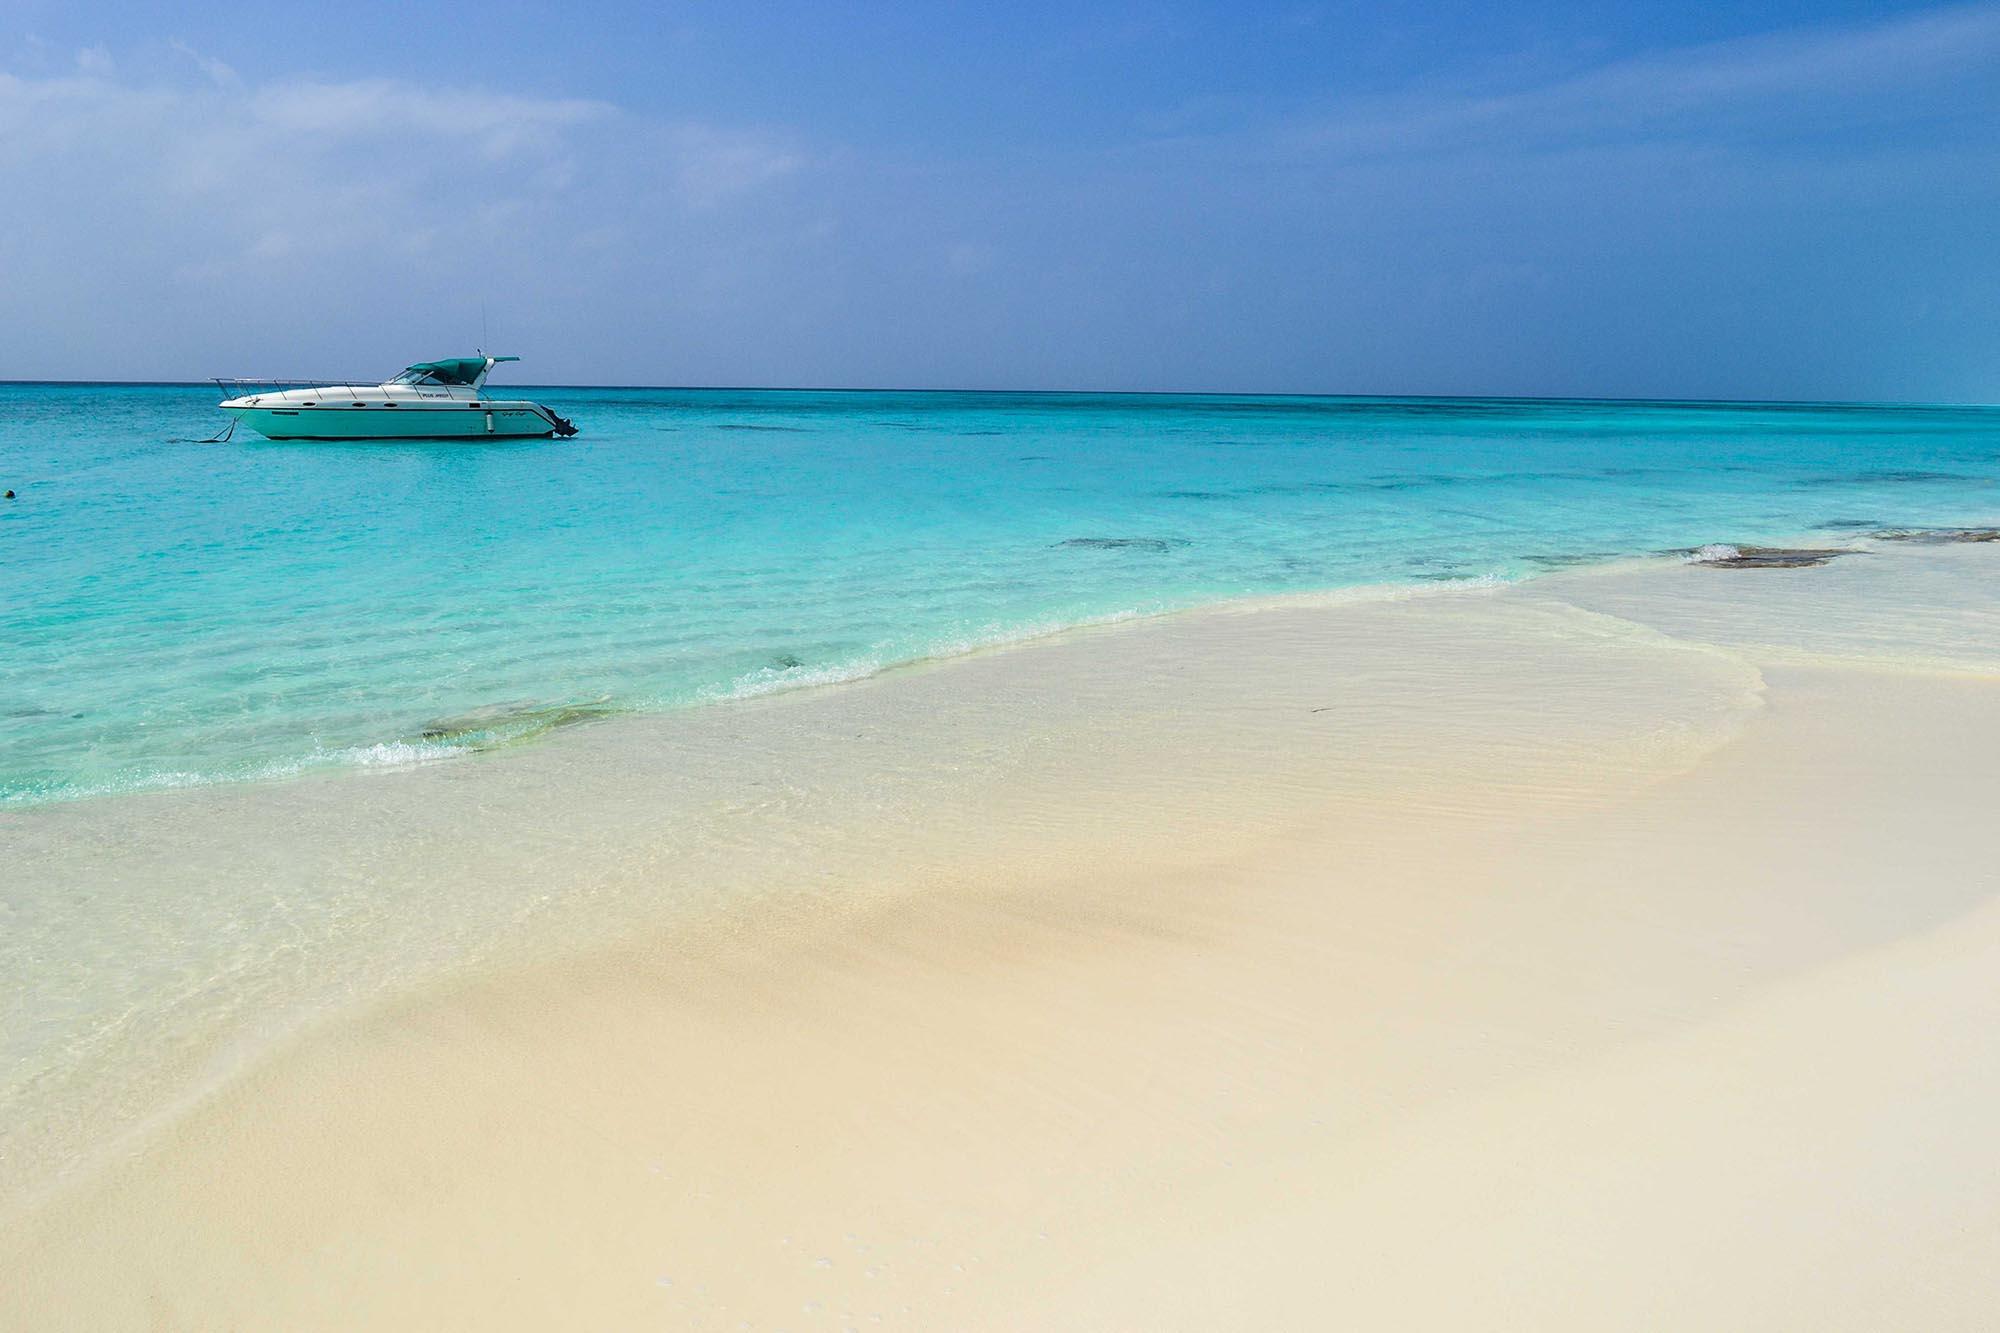 Plaz Fulhadhoo